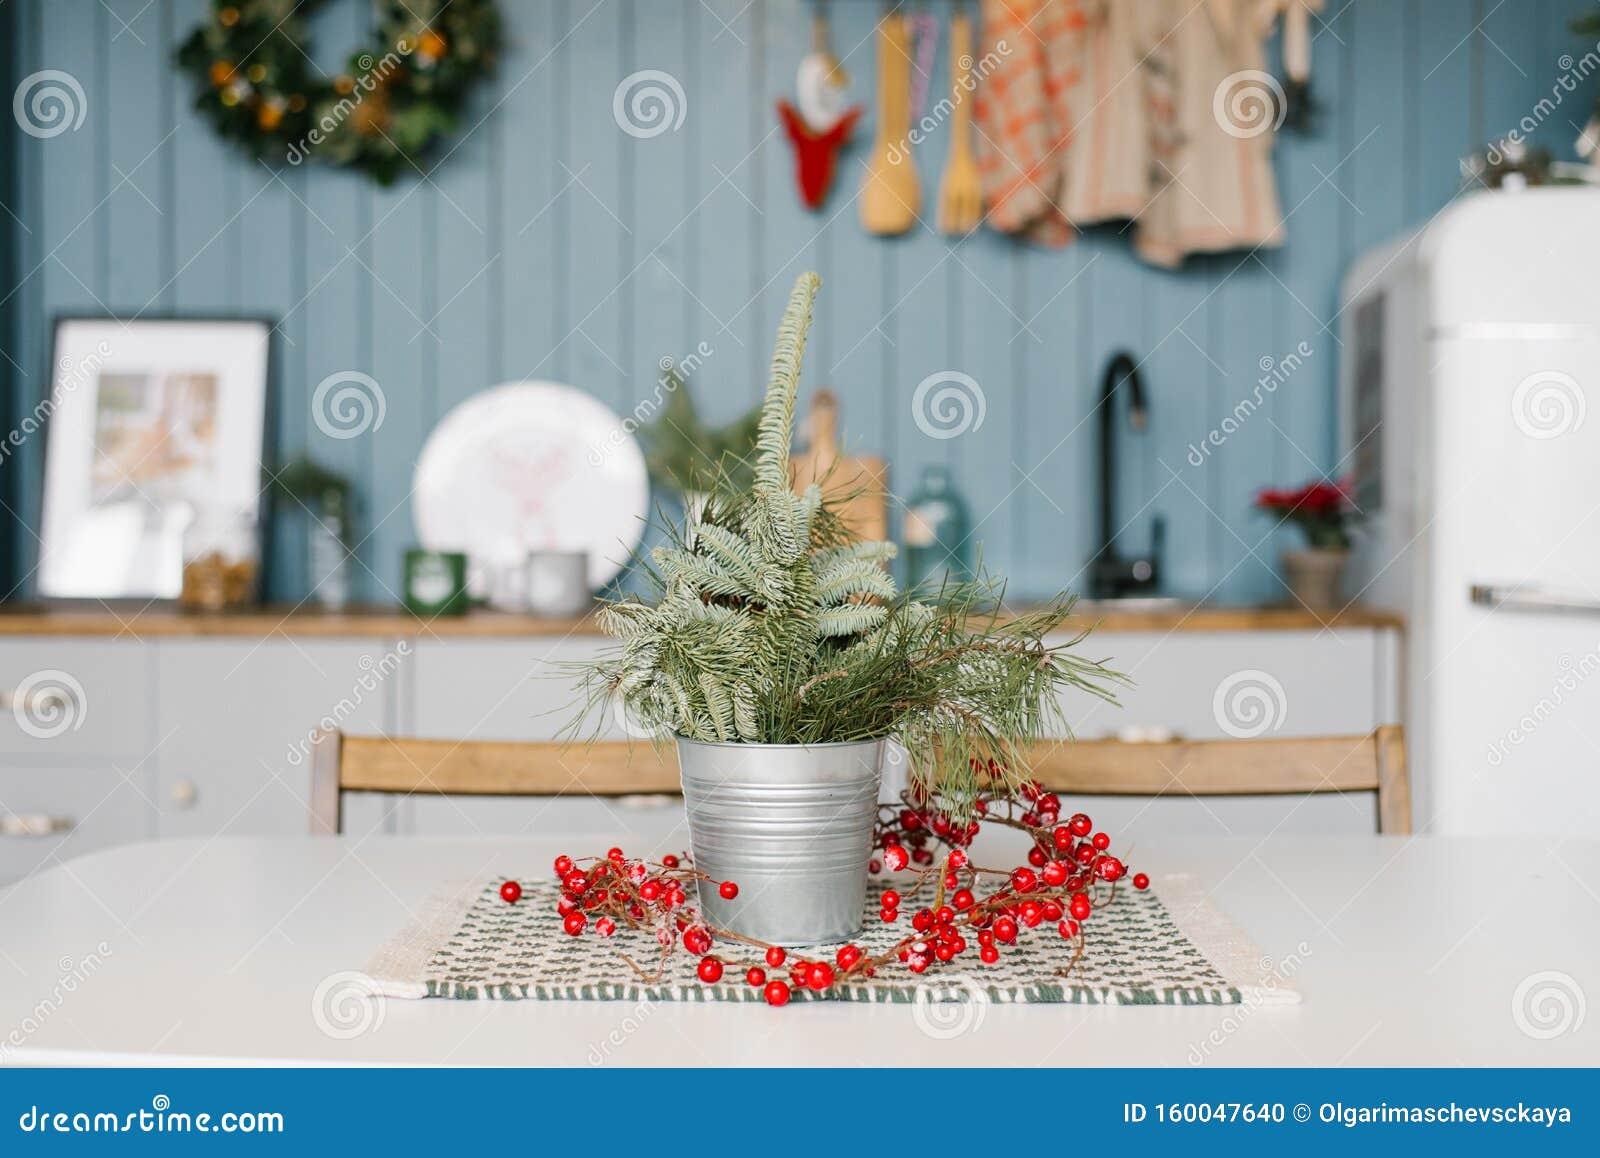 Fichtenzweige Oder Torniebe Oder Pinien In Einem Metalleisenzettel Vase Auf Dem Kuchentisch In Der Dekoration Fur Weihnachts Un Stockfoto Bild Von Weihnachts Fur 160047640